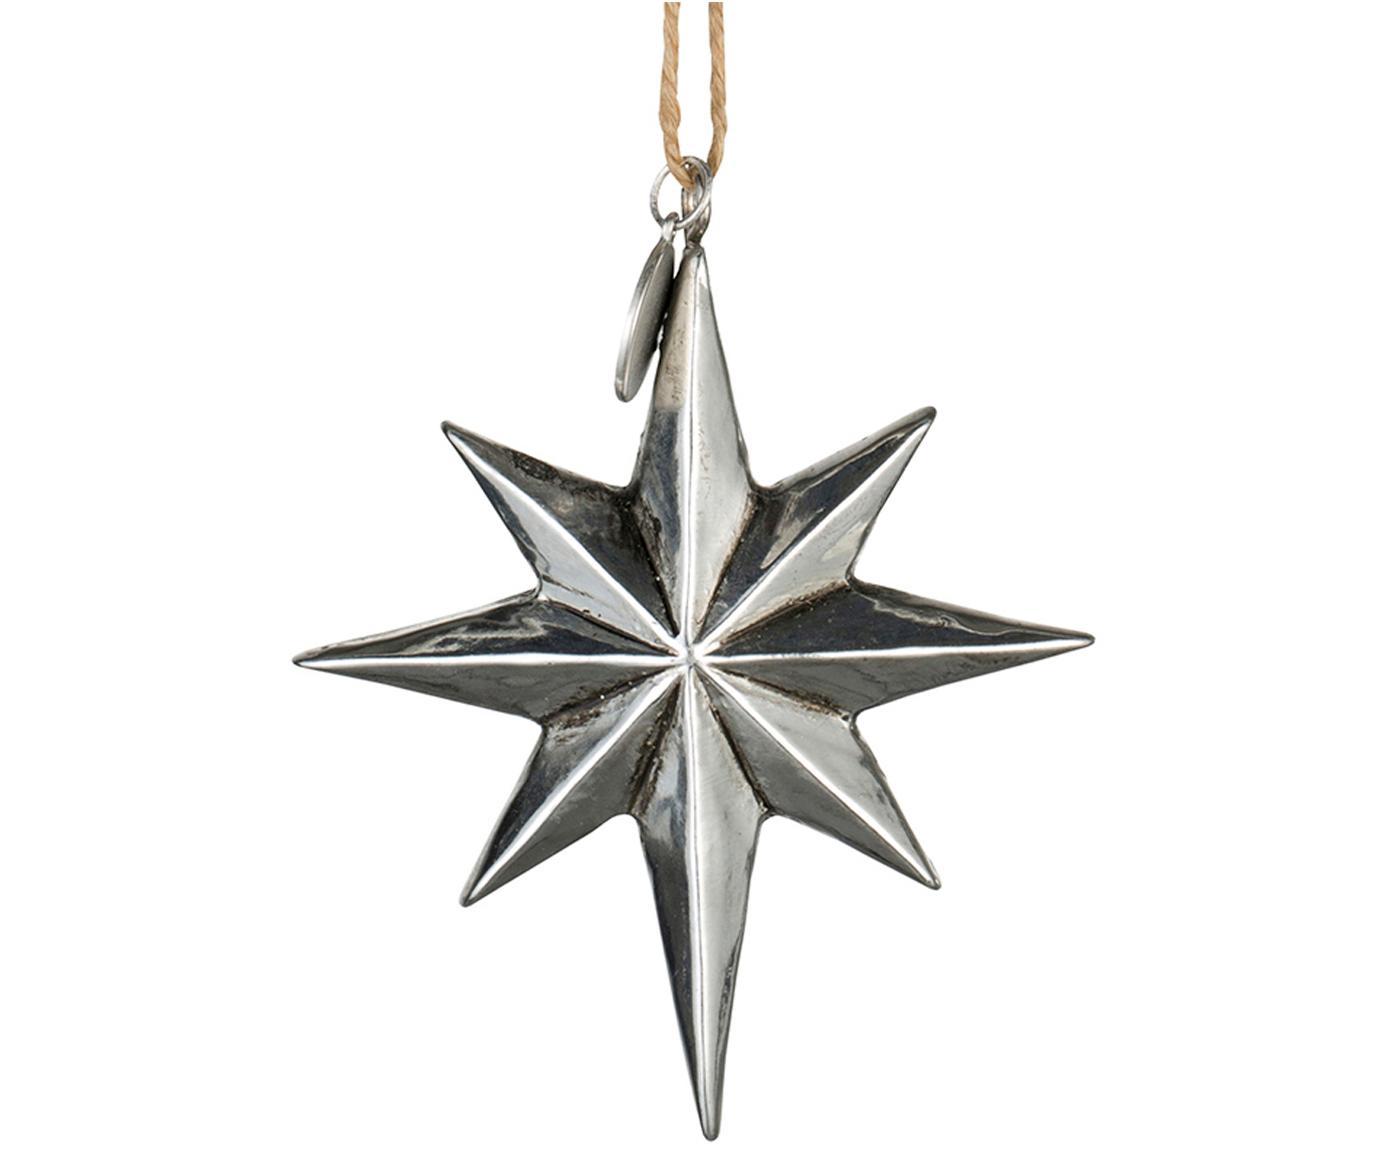 Baumanhänger Serafina Star, 2 Stück, Silberfarben, 7 x 8 cm